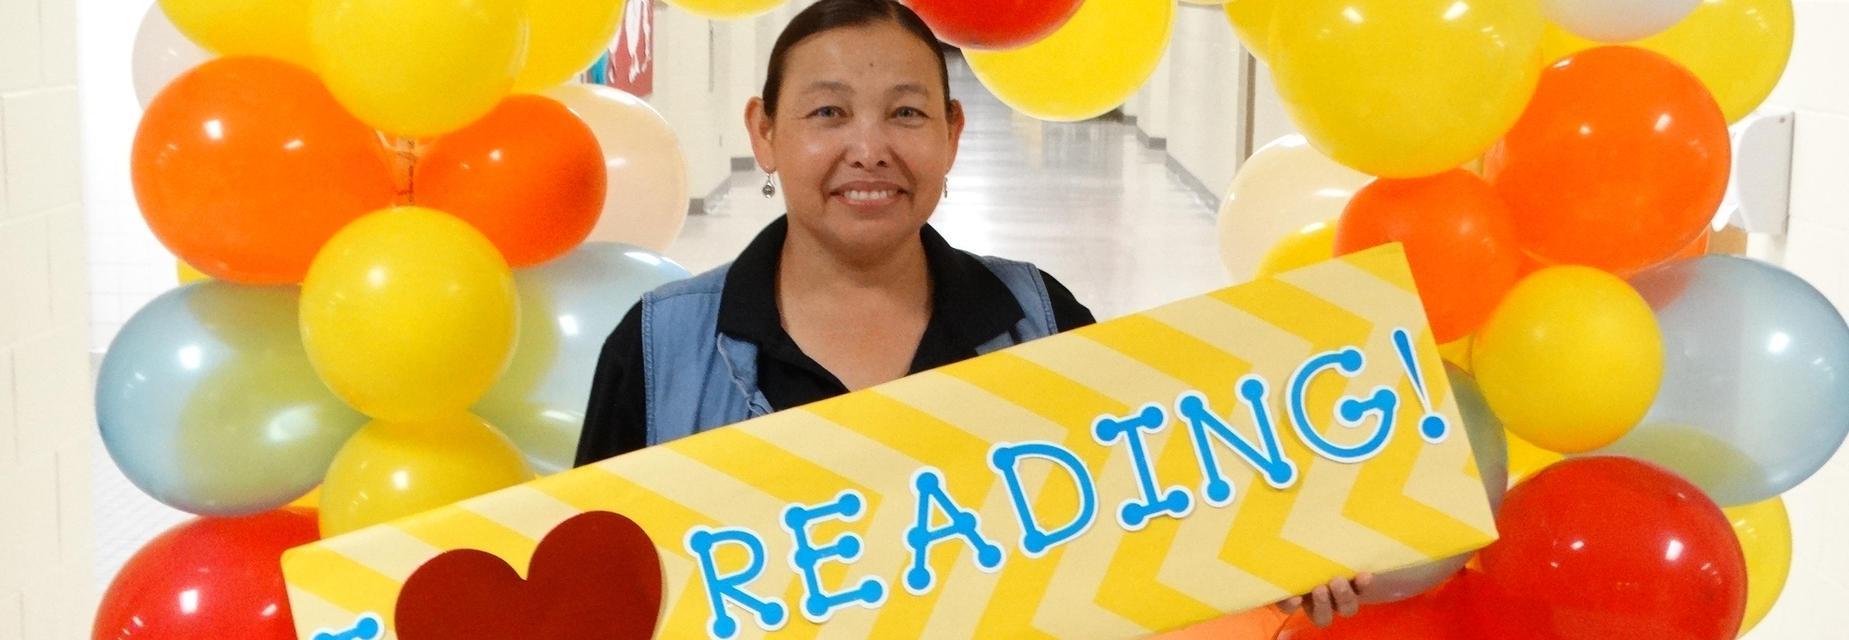 I love reading at literacy night